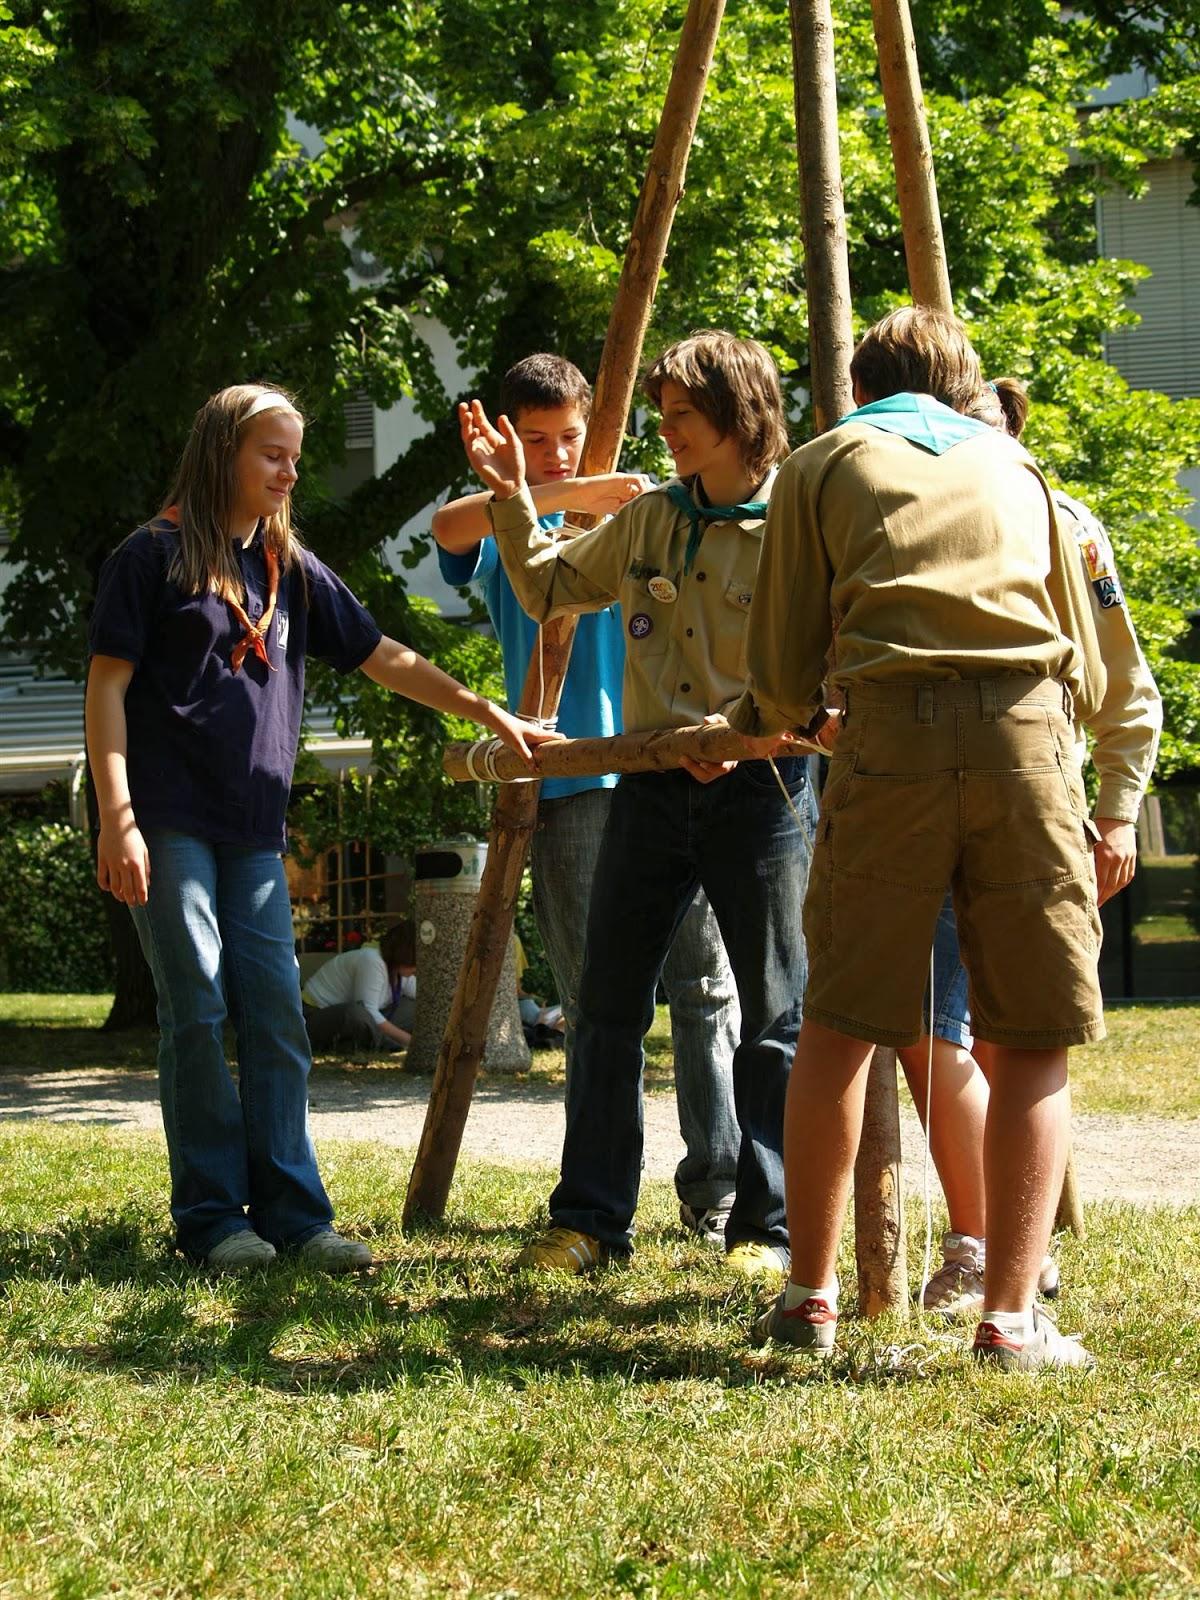 Področni mnogoboj, Sežana 2007 - P0207110.JPG